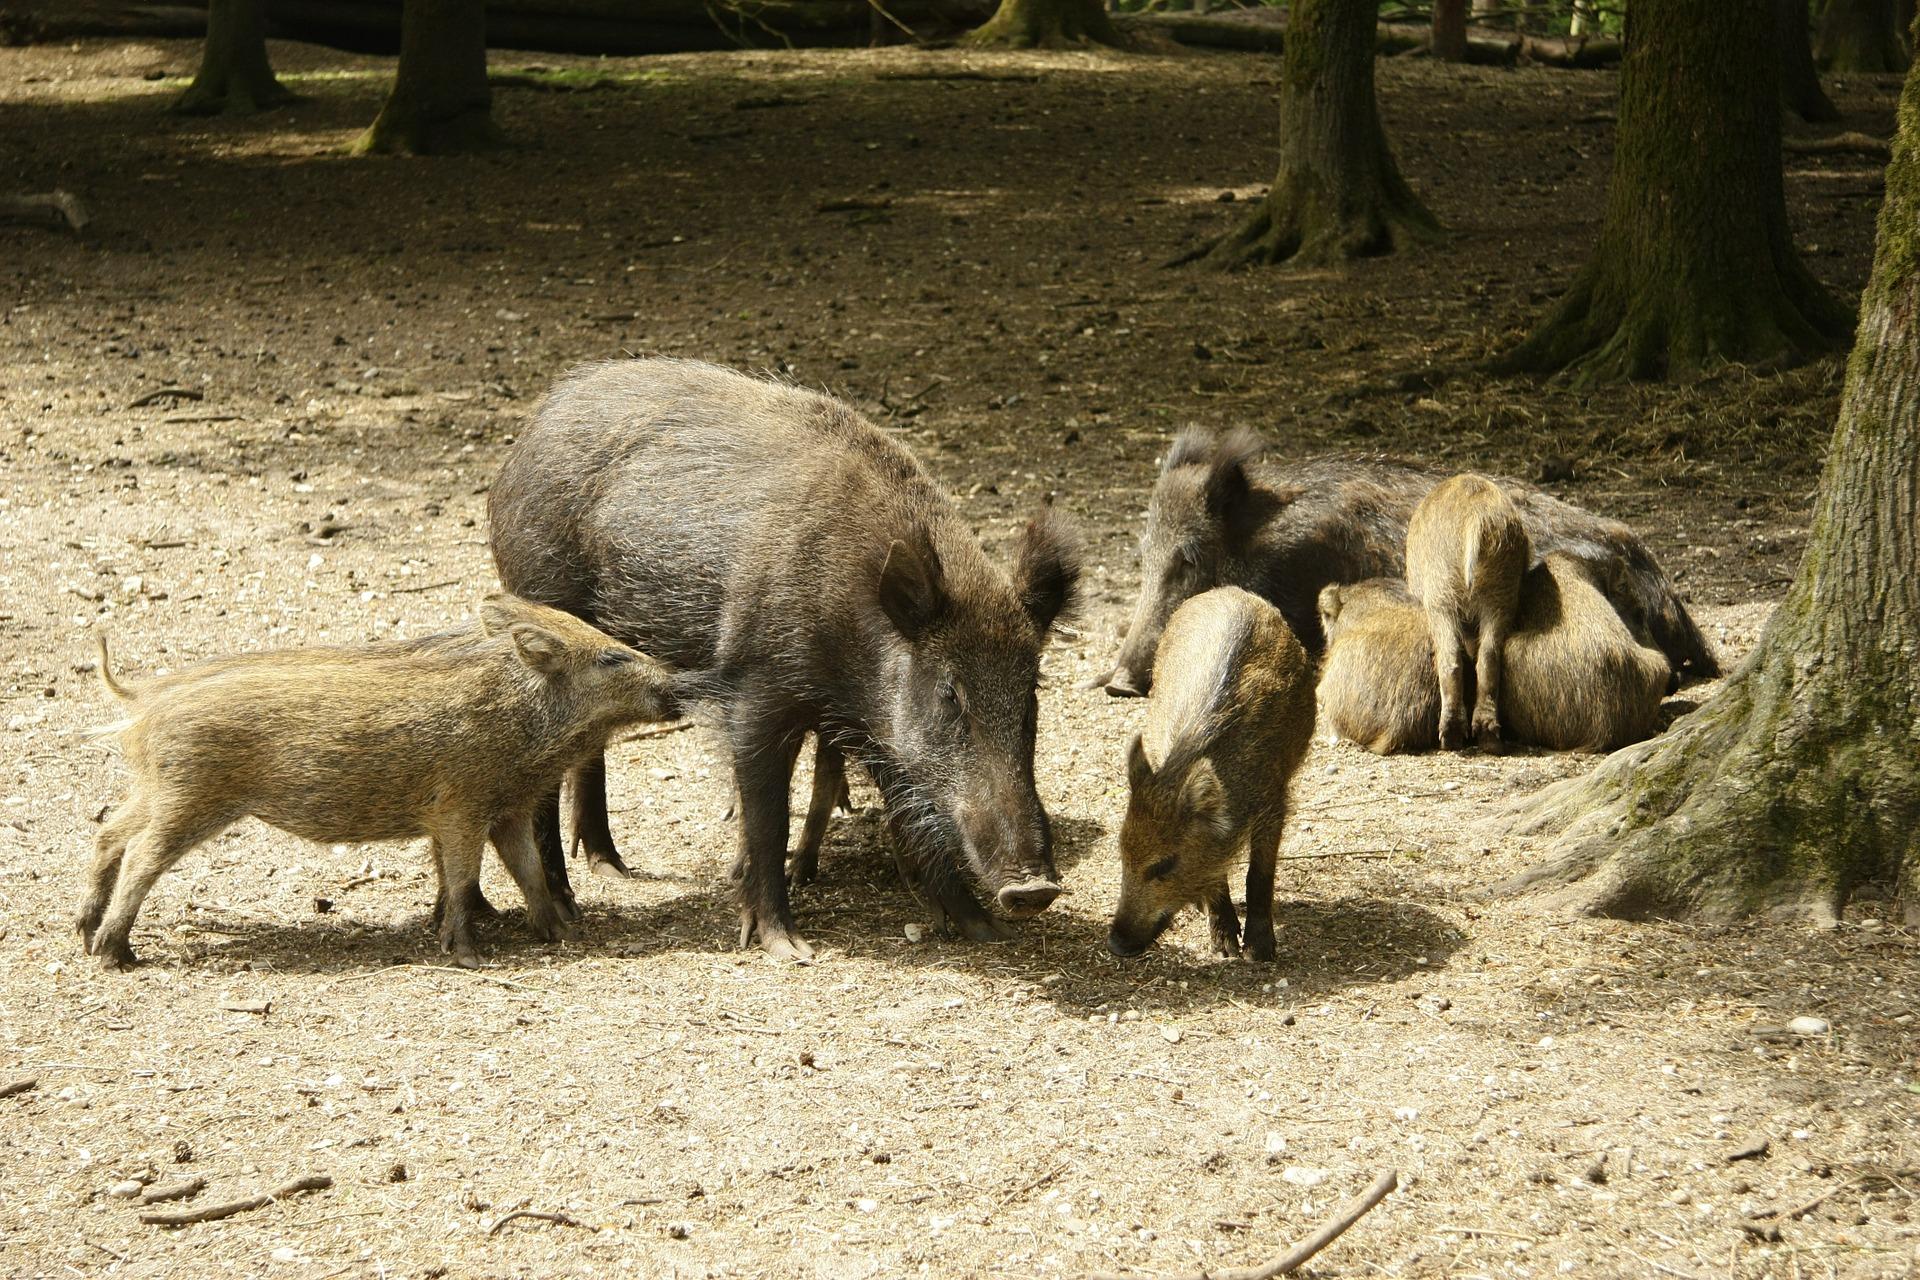 Eine Rotte Wildschweine im Wald